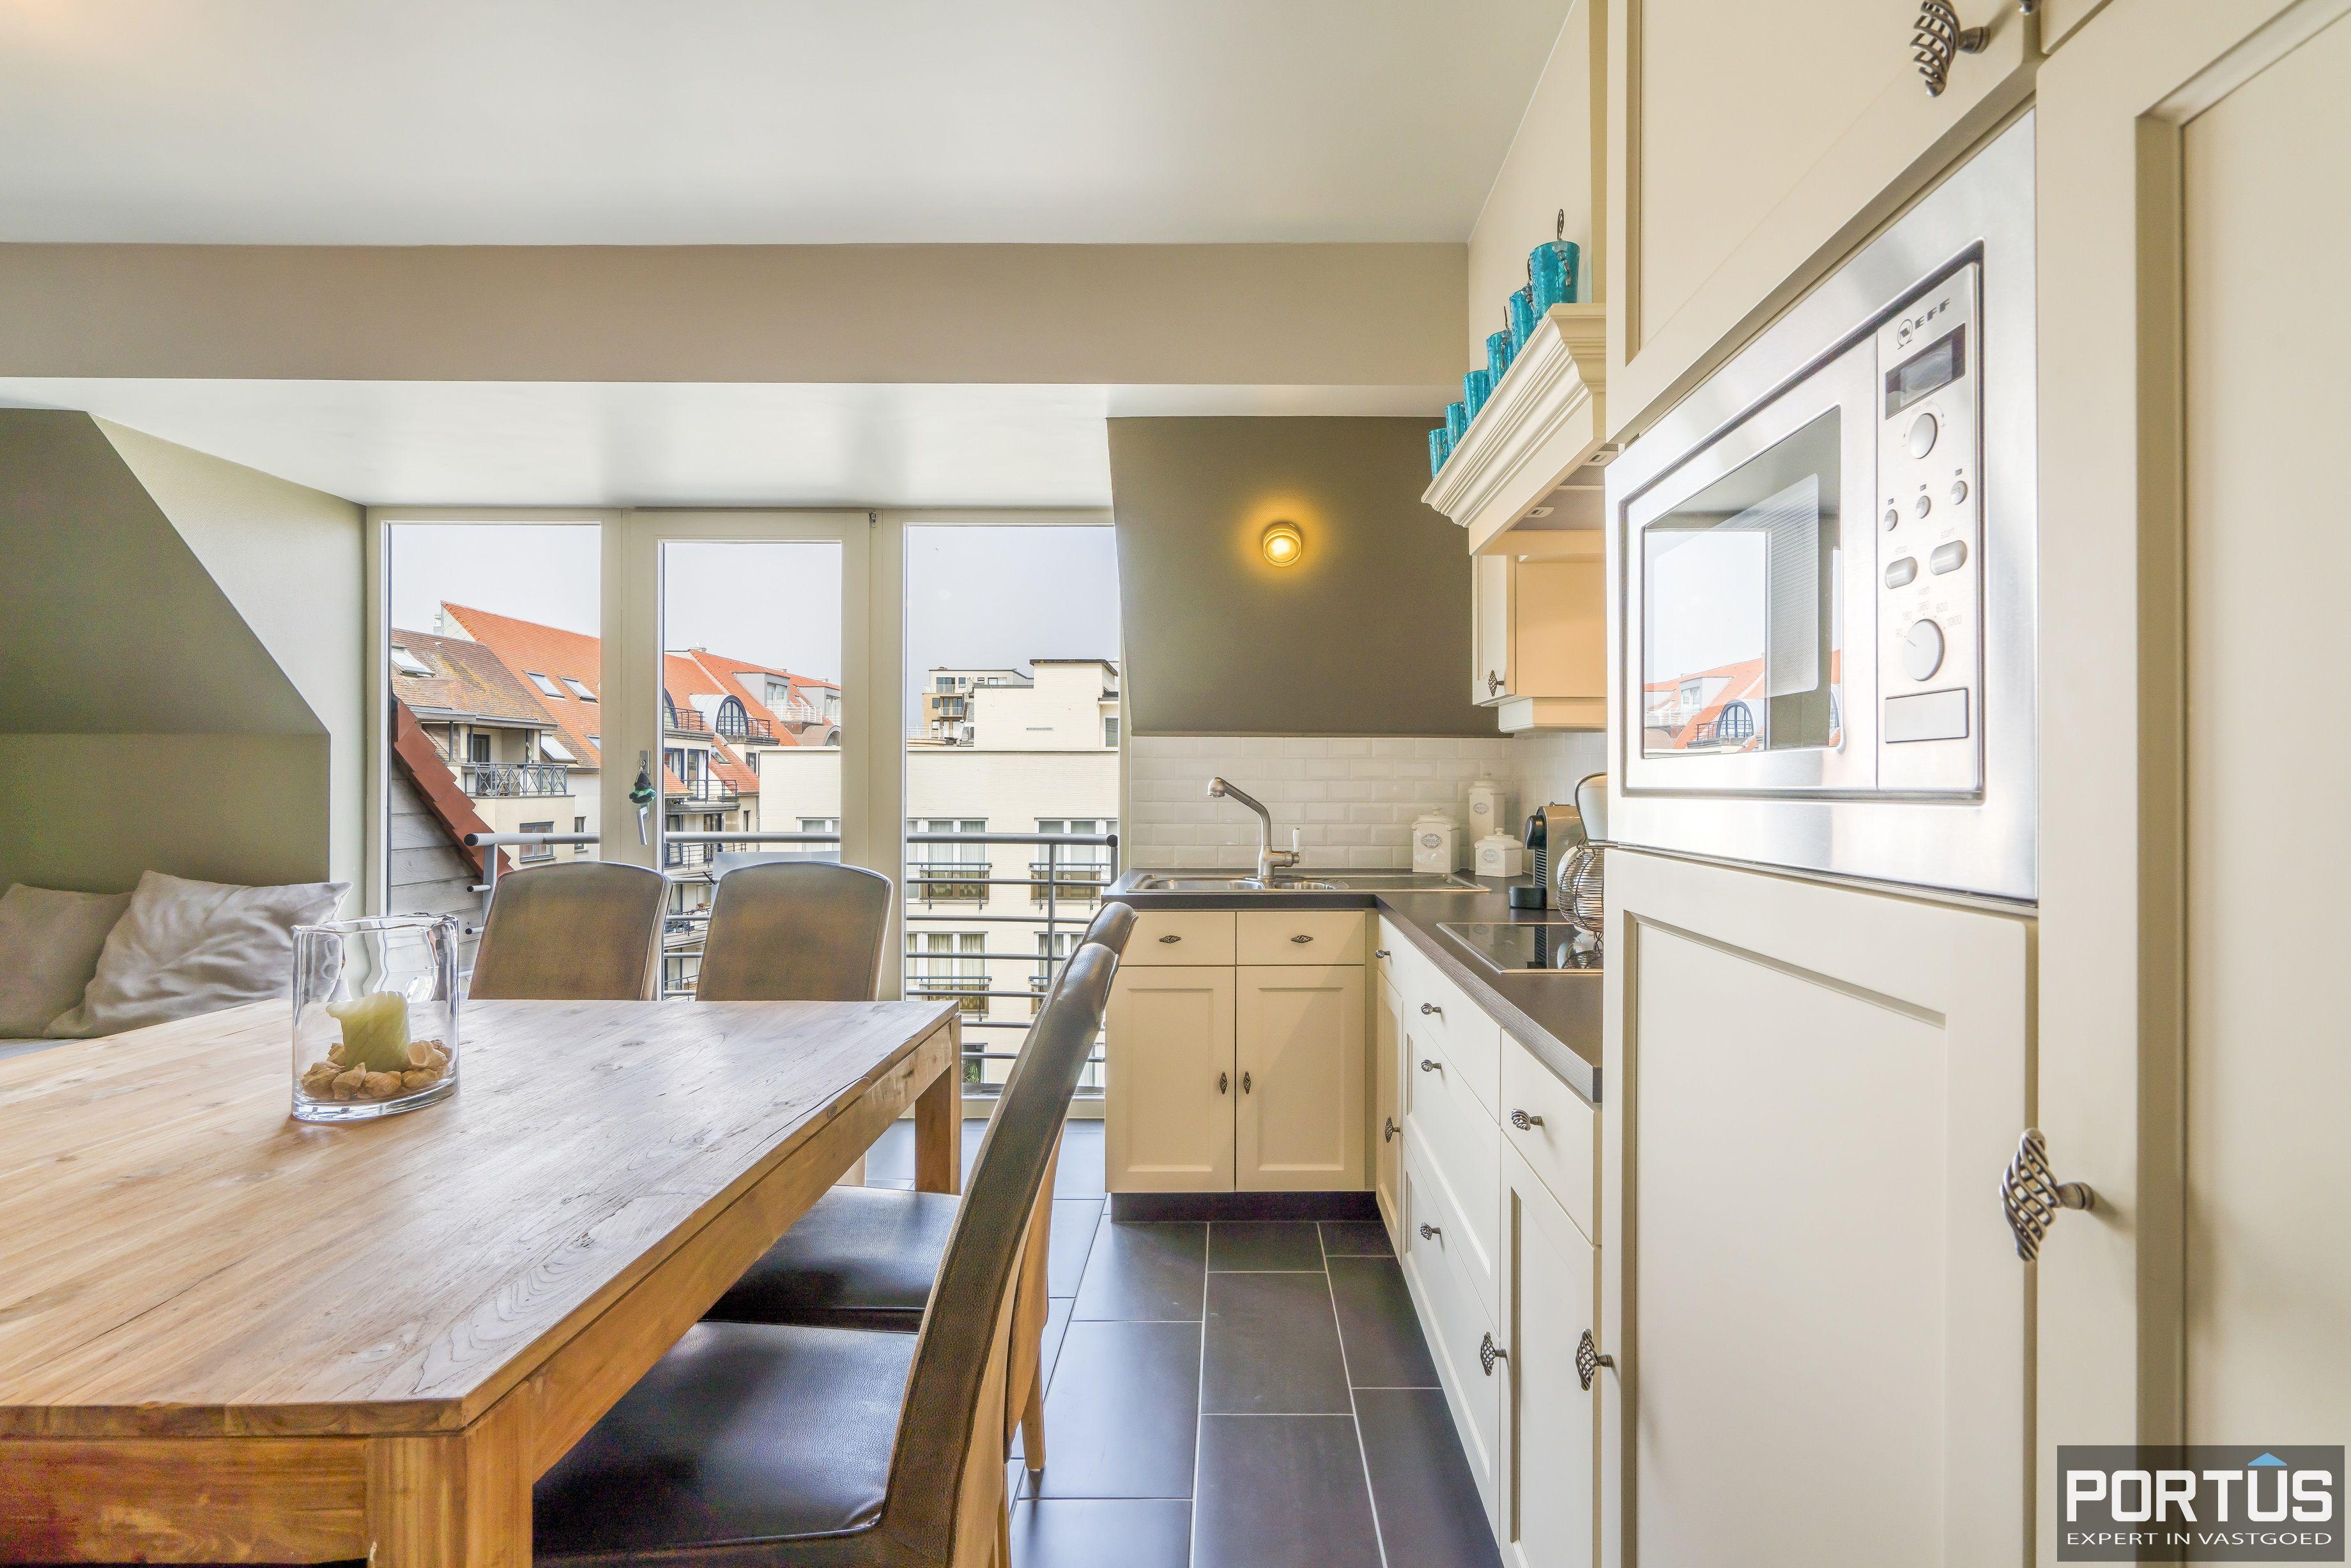 Appartement op wandelafstand van het strand te koop te Nieuwpoort-Bad - 13887